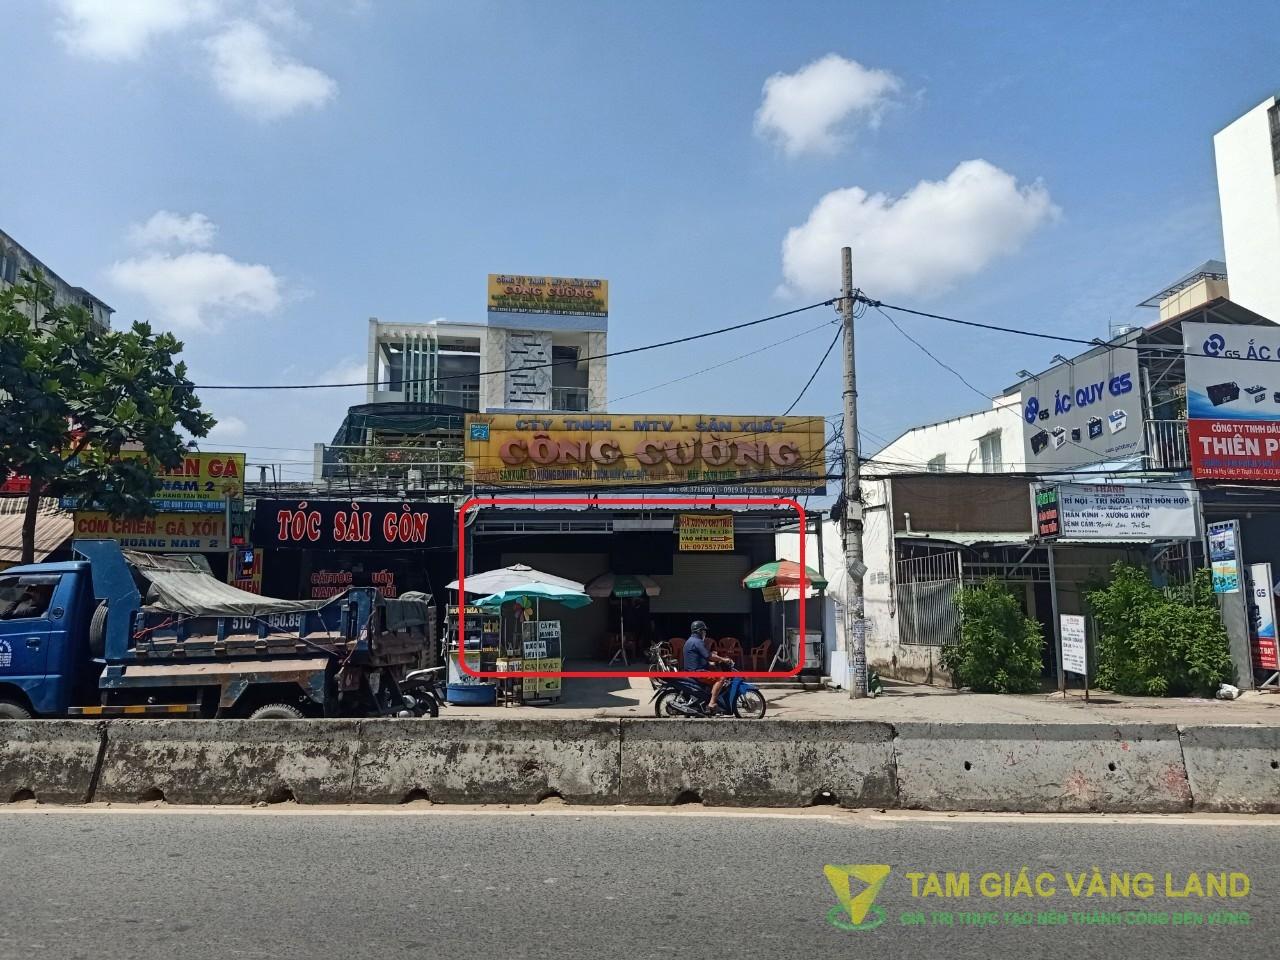 Cho thuê nhà mặt tiền đường Hà Huy Giáp, Phường Thạnh Lộc, Quận 12, DT 8x20m, mặt bằng, Giá 25 triệu/tháng